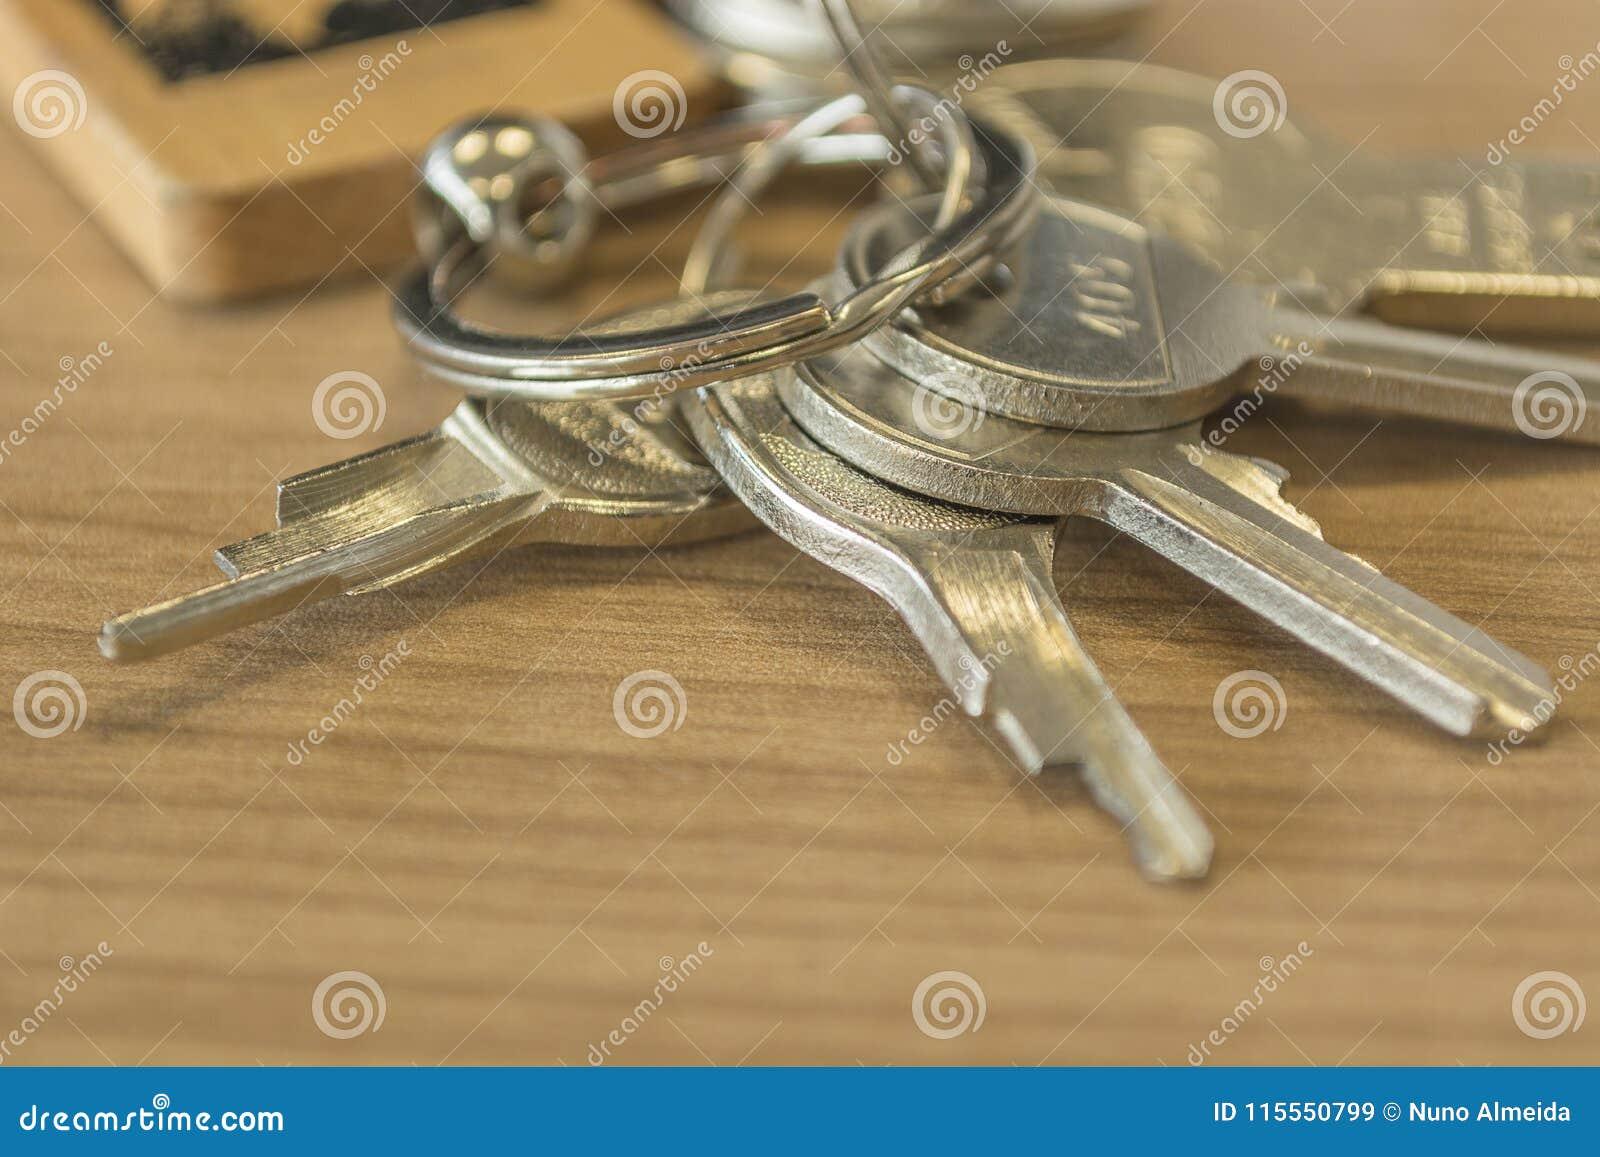 Set of home keys detailed